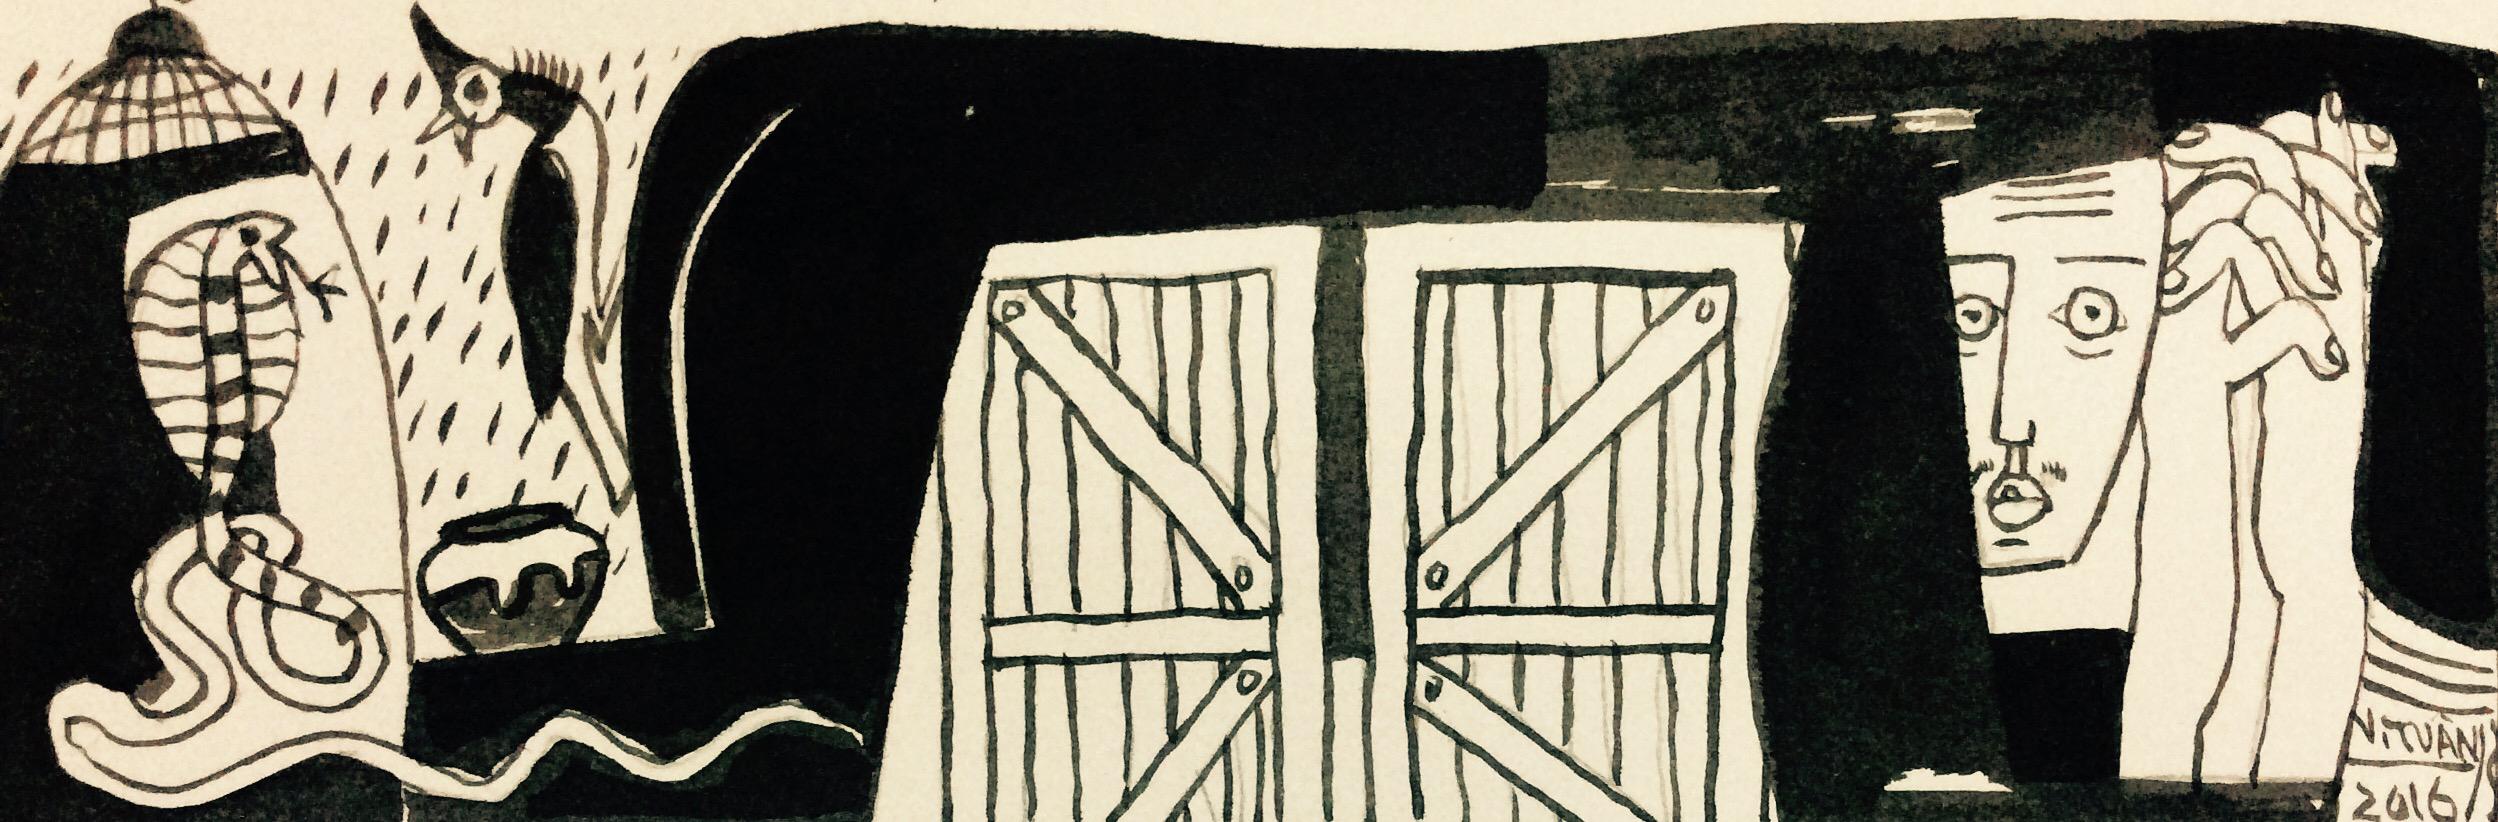 Phía sau cánh cửa | Behind the Doors